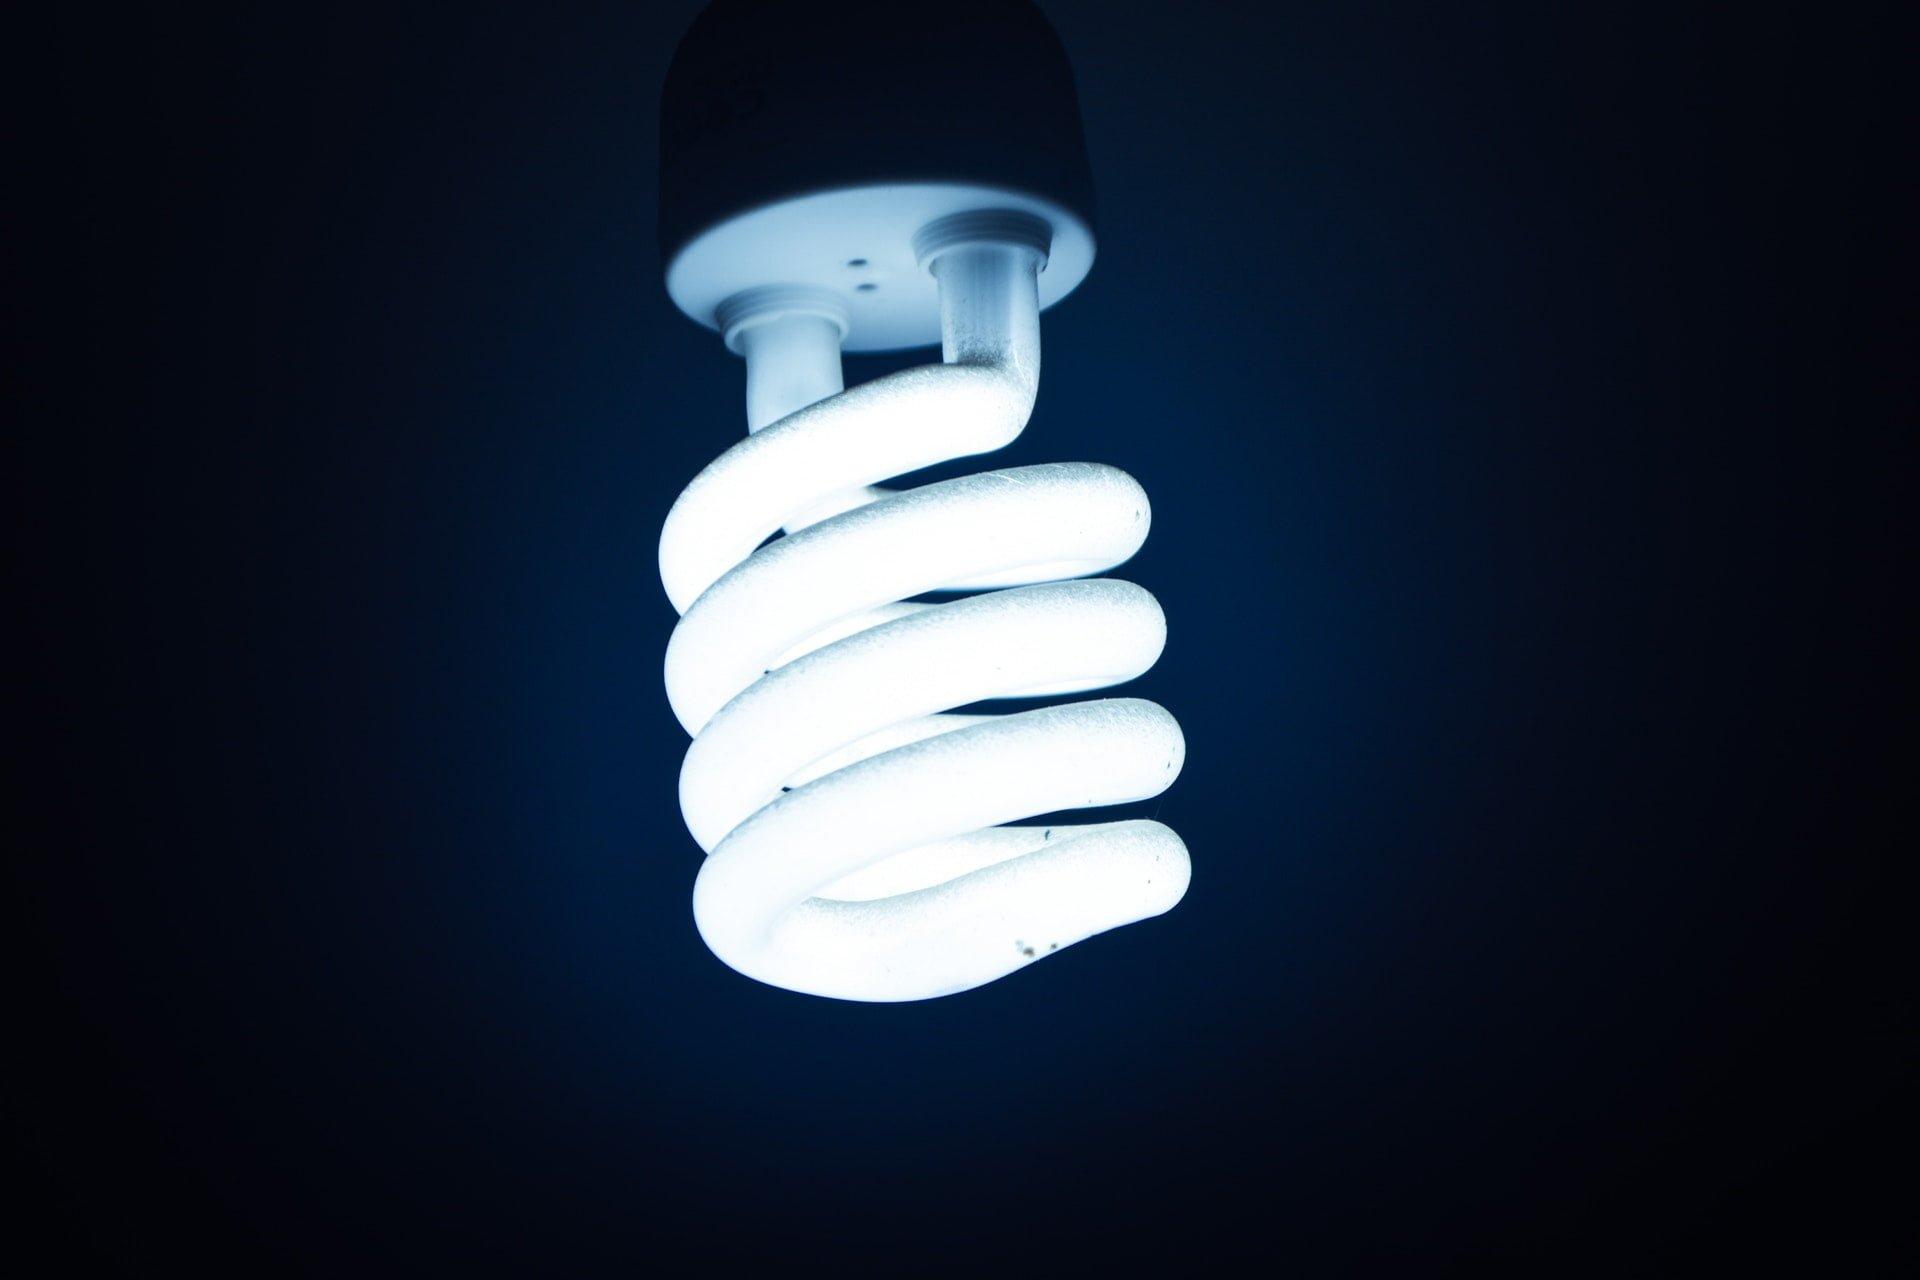 white cfl bulb Fluorescent tube lamp 日光燈管、省電燈泡廢棄該如何丟棄垃圾車清運回收?